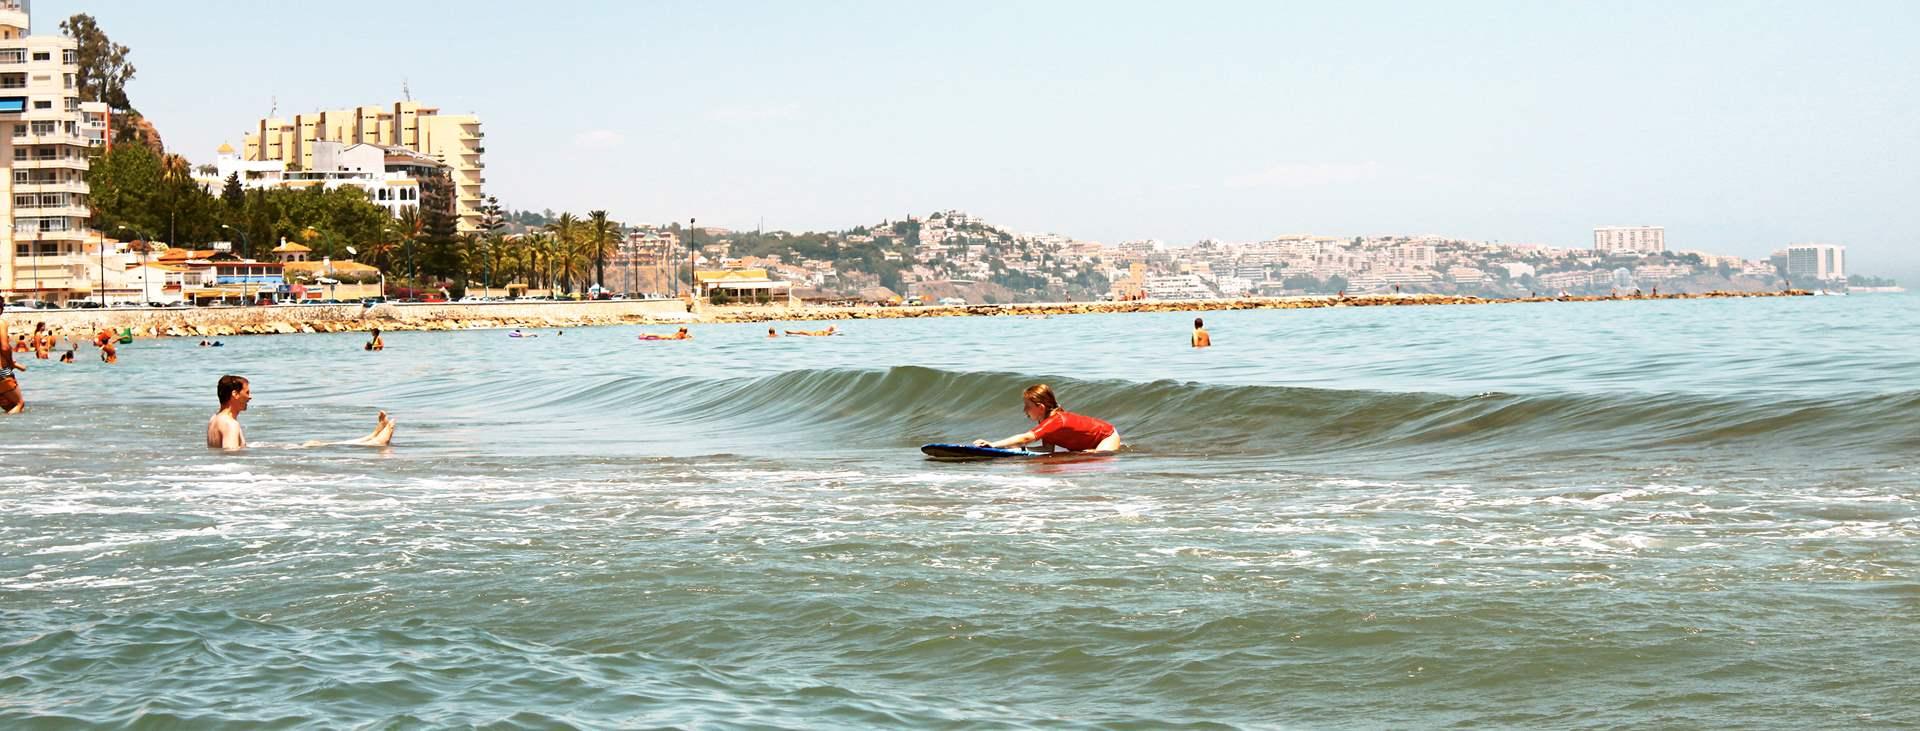 Bestill en reise med Ving til Malaga på Costa del Sol i Spania